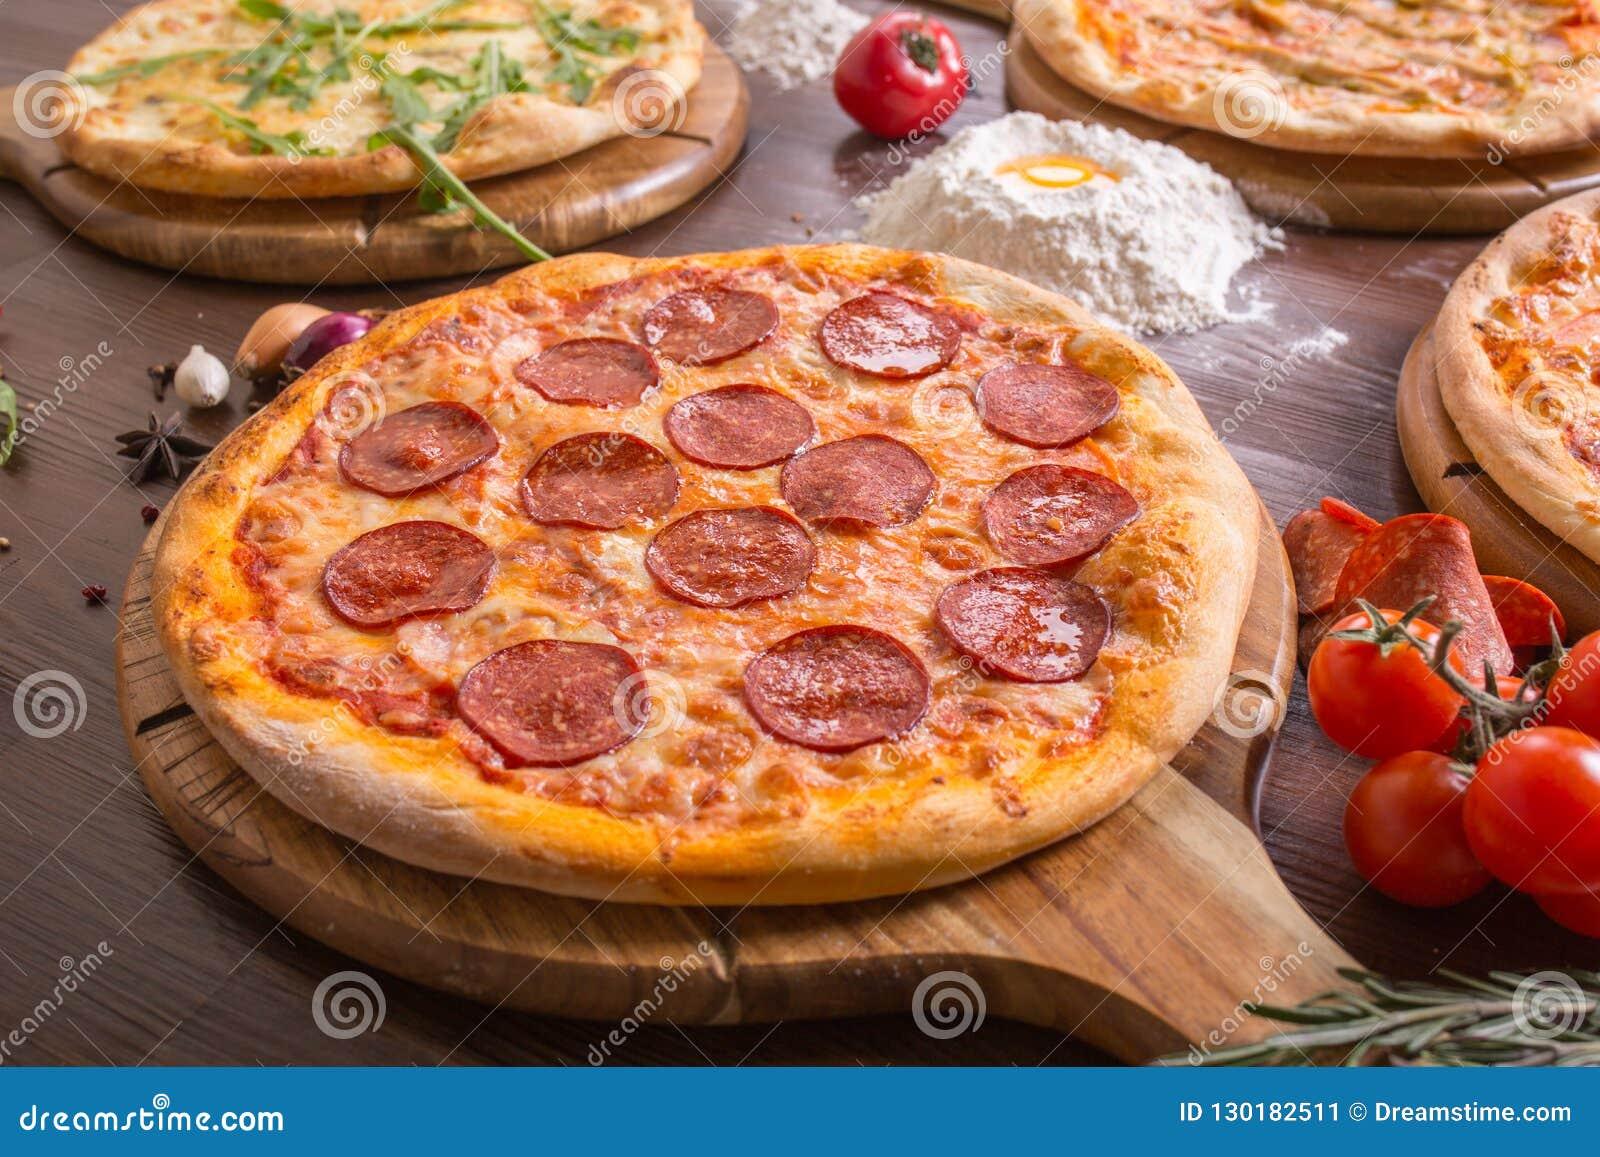 Asortowana pizza z pepperoni, mięso, margarita na drewnianym stojaku